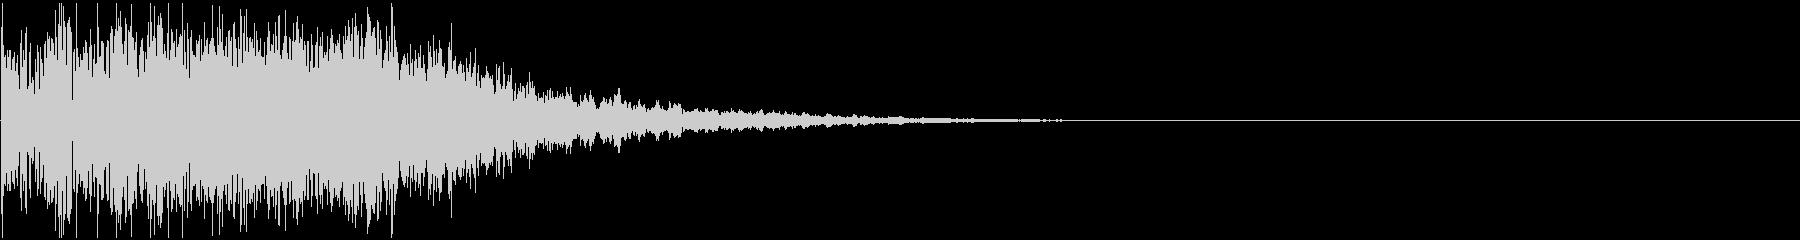 ゲームの効果音_パワーアップ系の未再生の波形